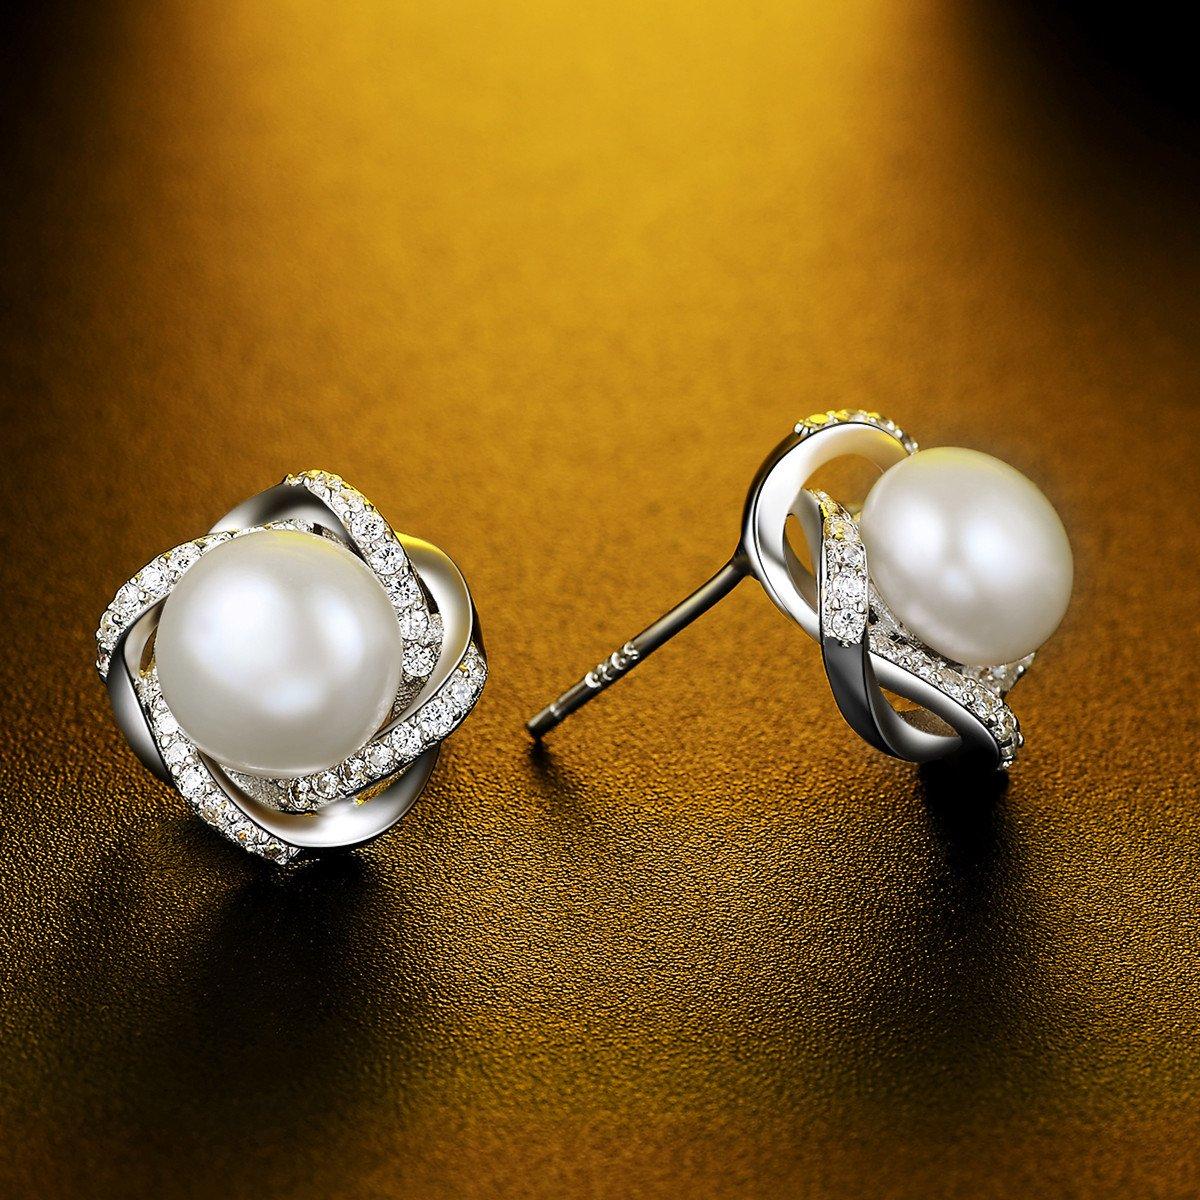 J.Vénus Damen Ohrringe Kleine Perle Ohrstecker Set Basic 925 Sterling Silber Zirkonia mit Etui